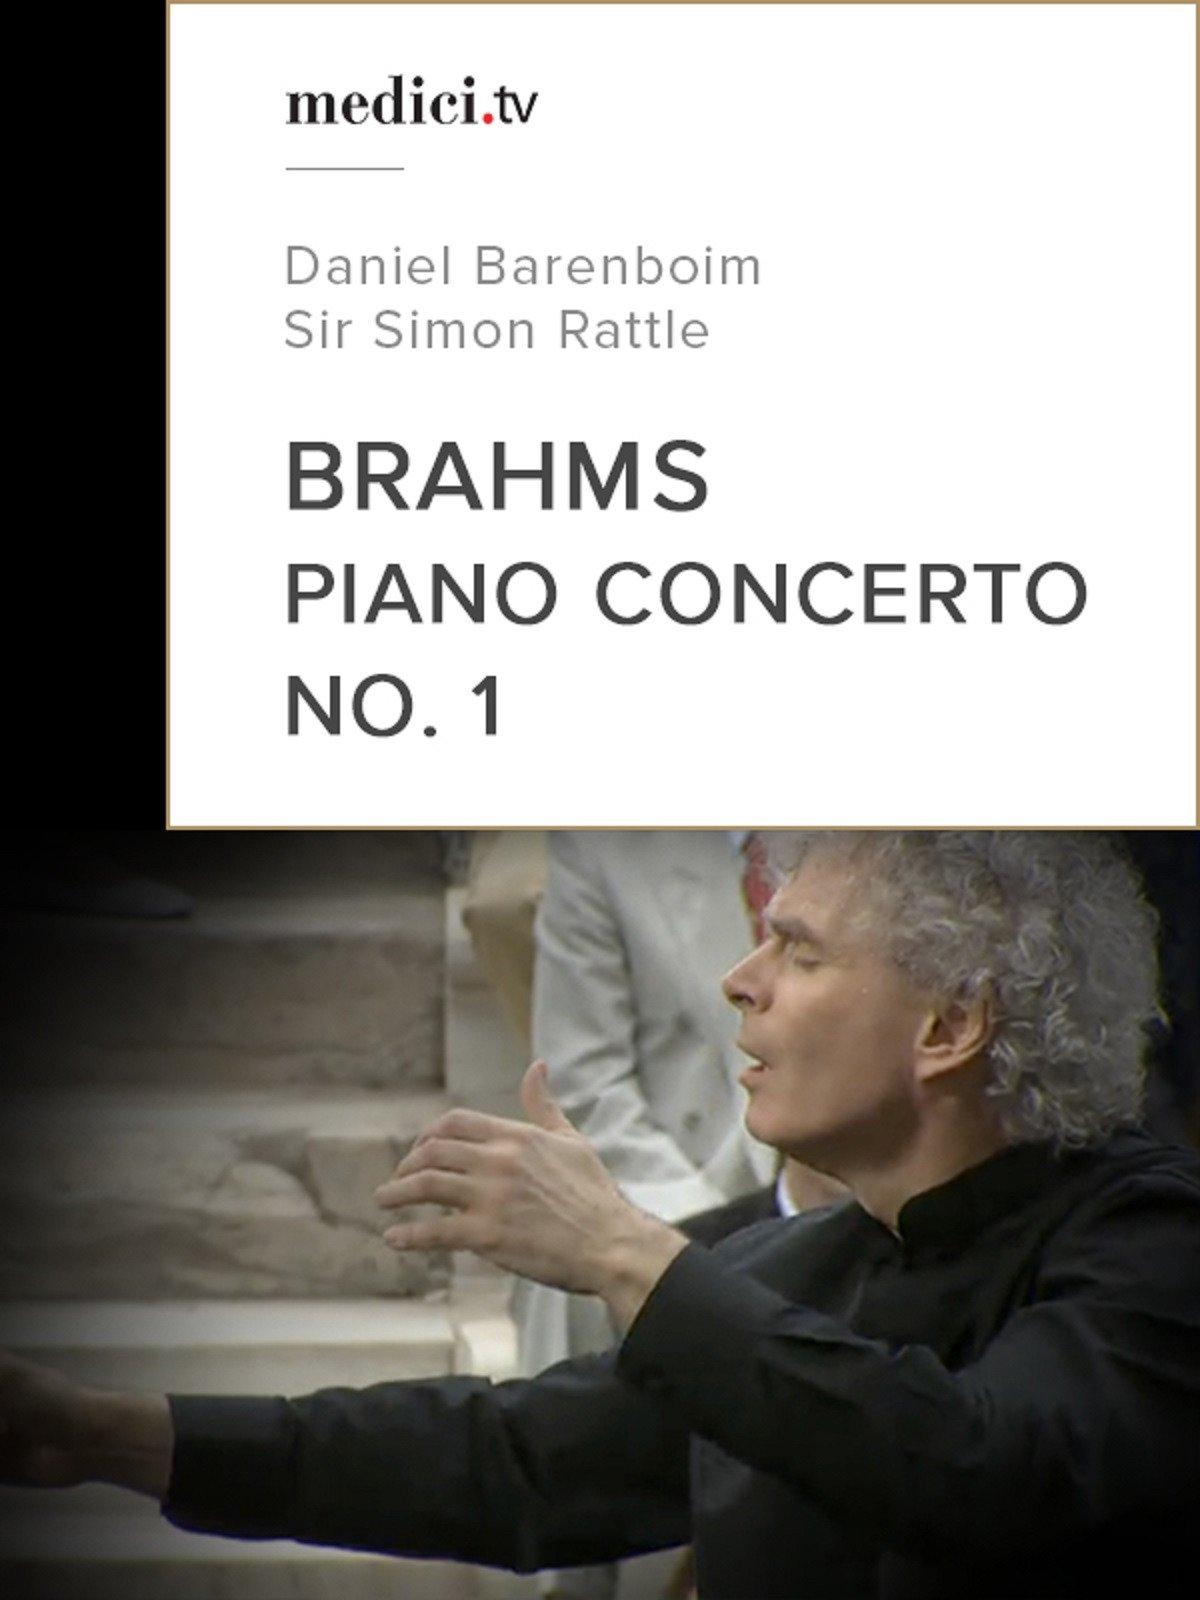 Brahms, Piano Concerto No. 1